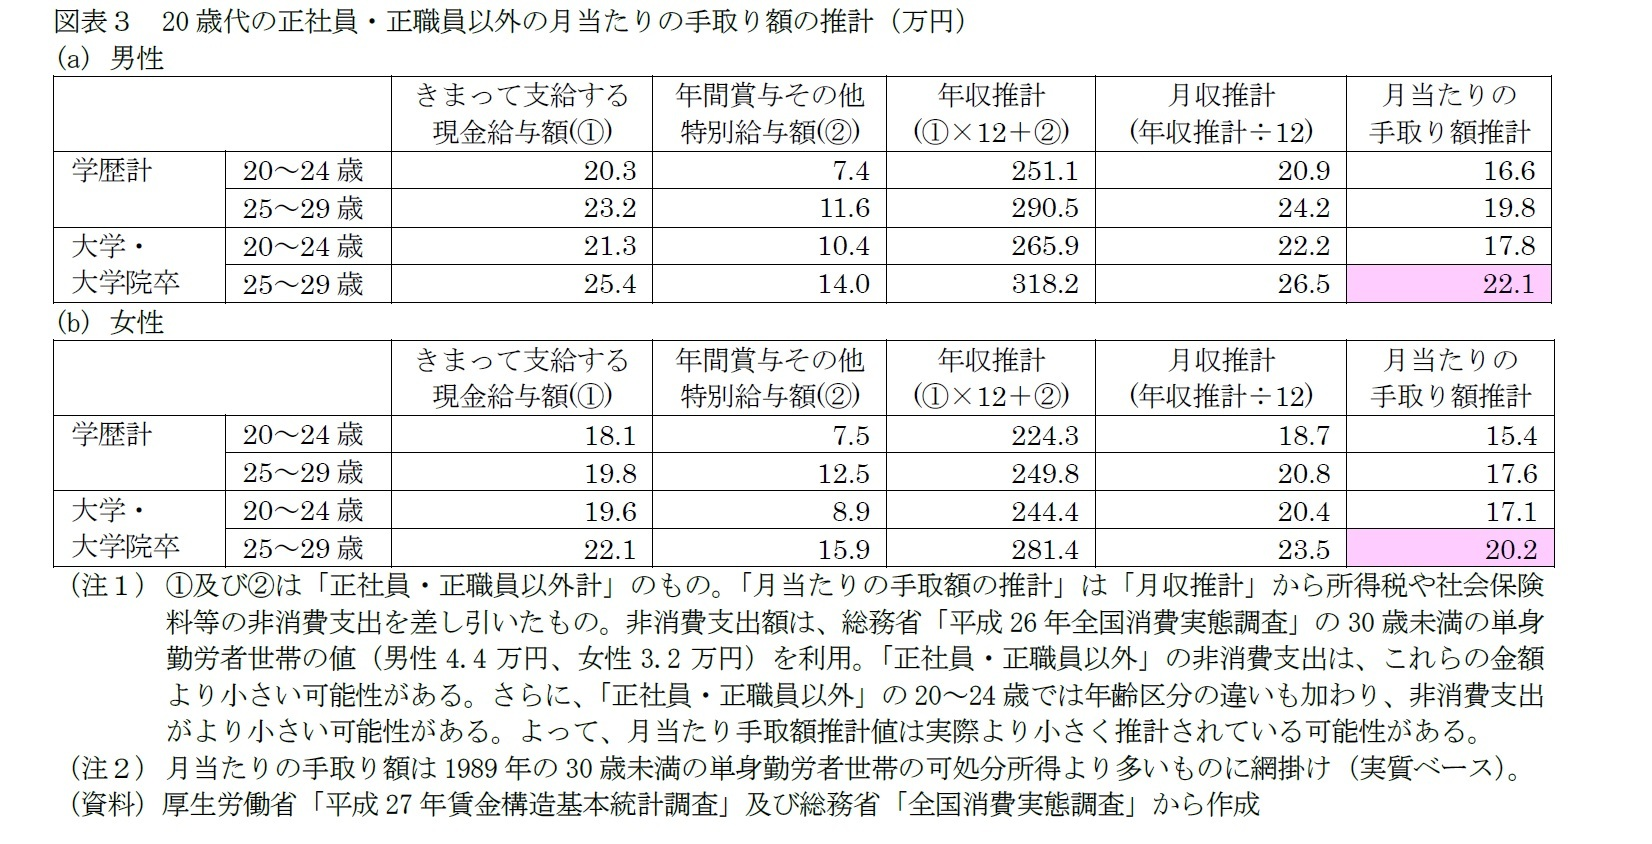 図表3 20歳代の正社員・正職員以外の月当たりの手取り額の推計(万円)